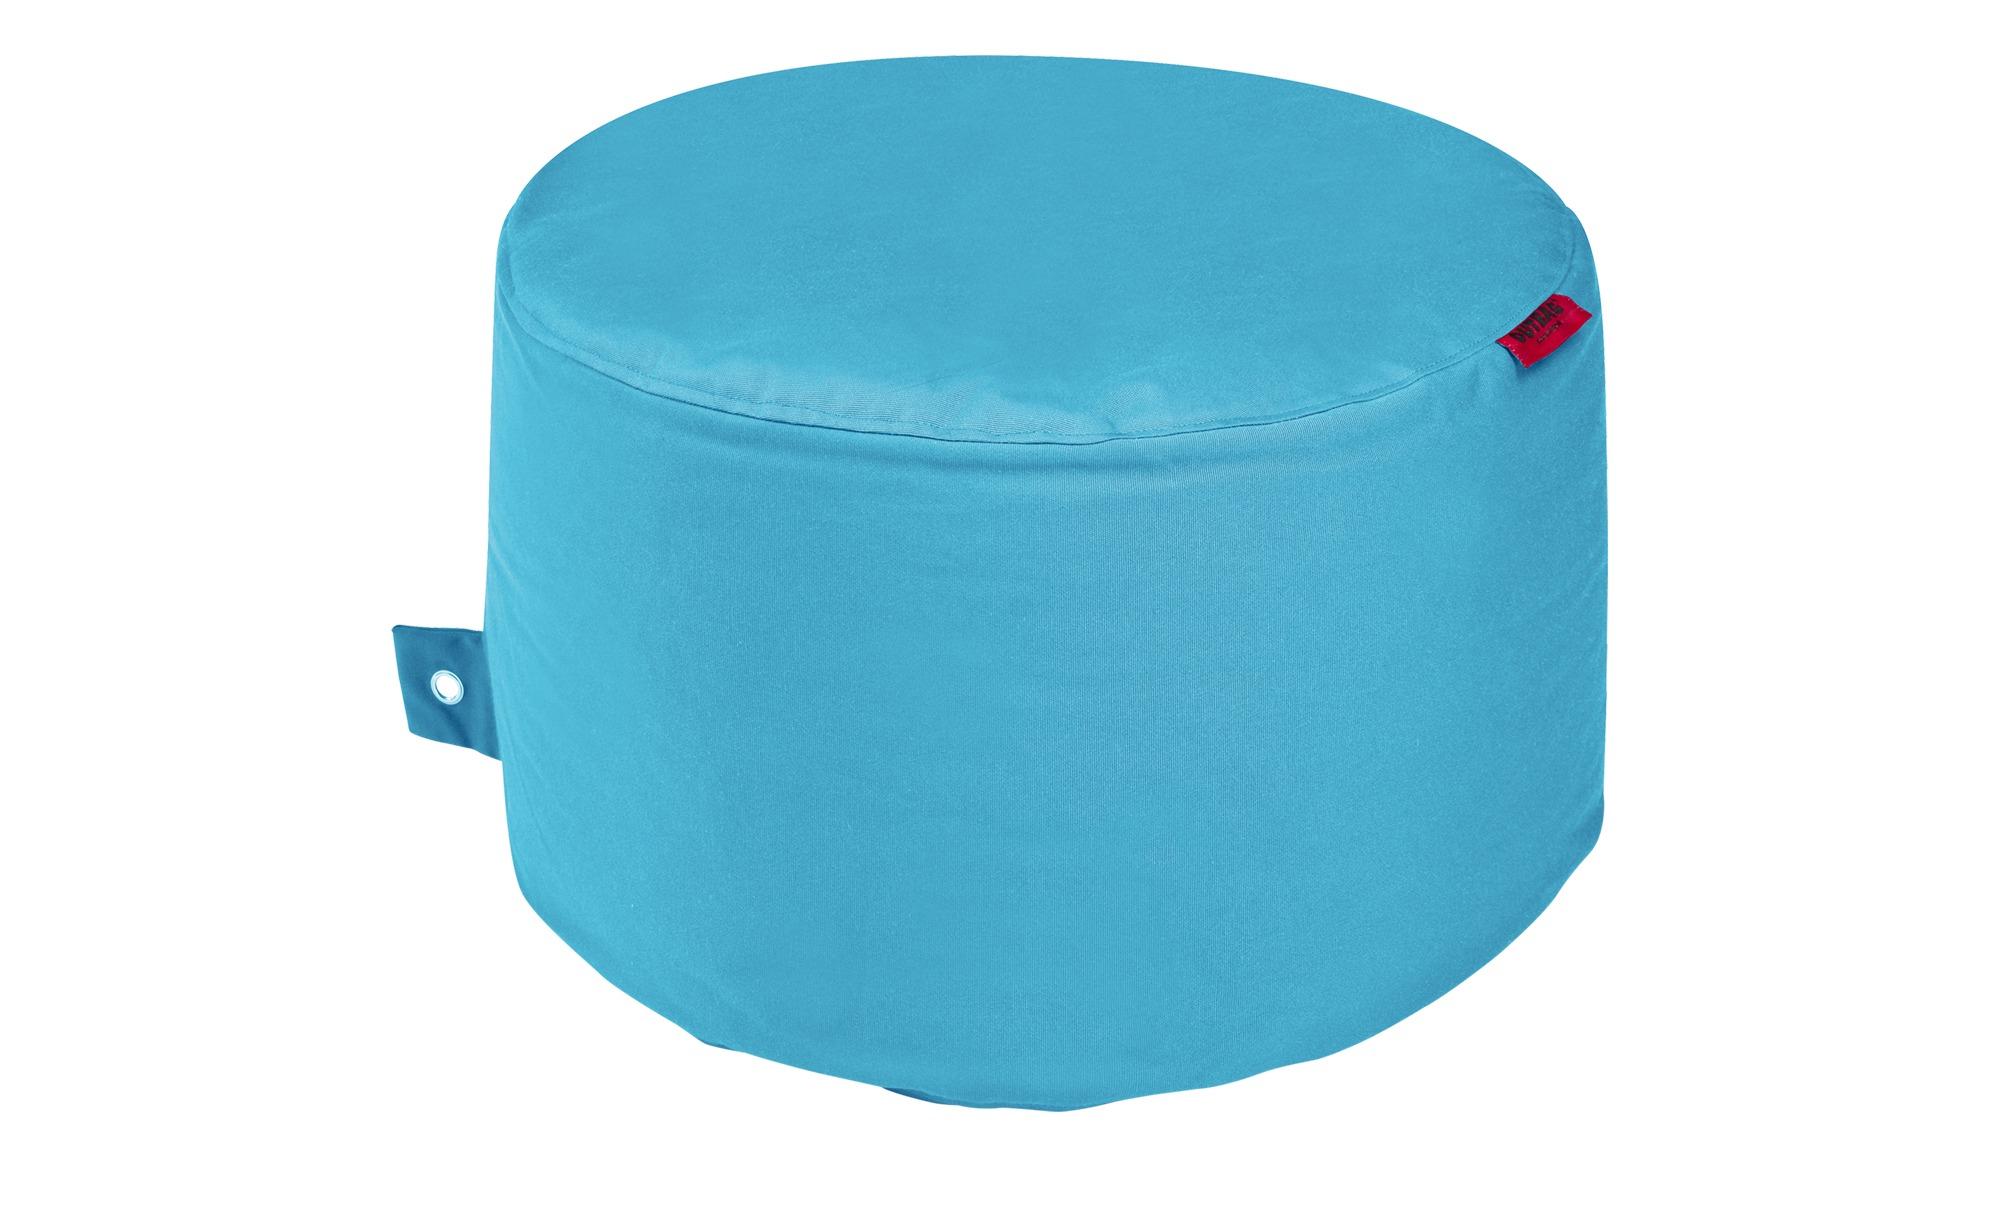 Sitzsack  Rock Plus ¦ Maße (cm): H: 35 Ø: [60.0] Garten > Auflagen & Kissen > Outdoor-Sitzsäcke - Höffner